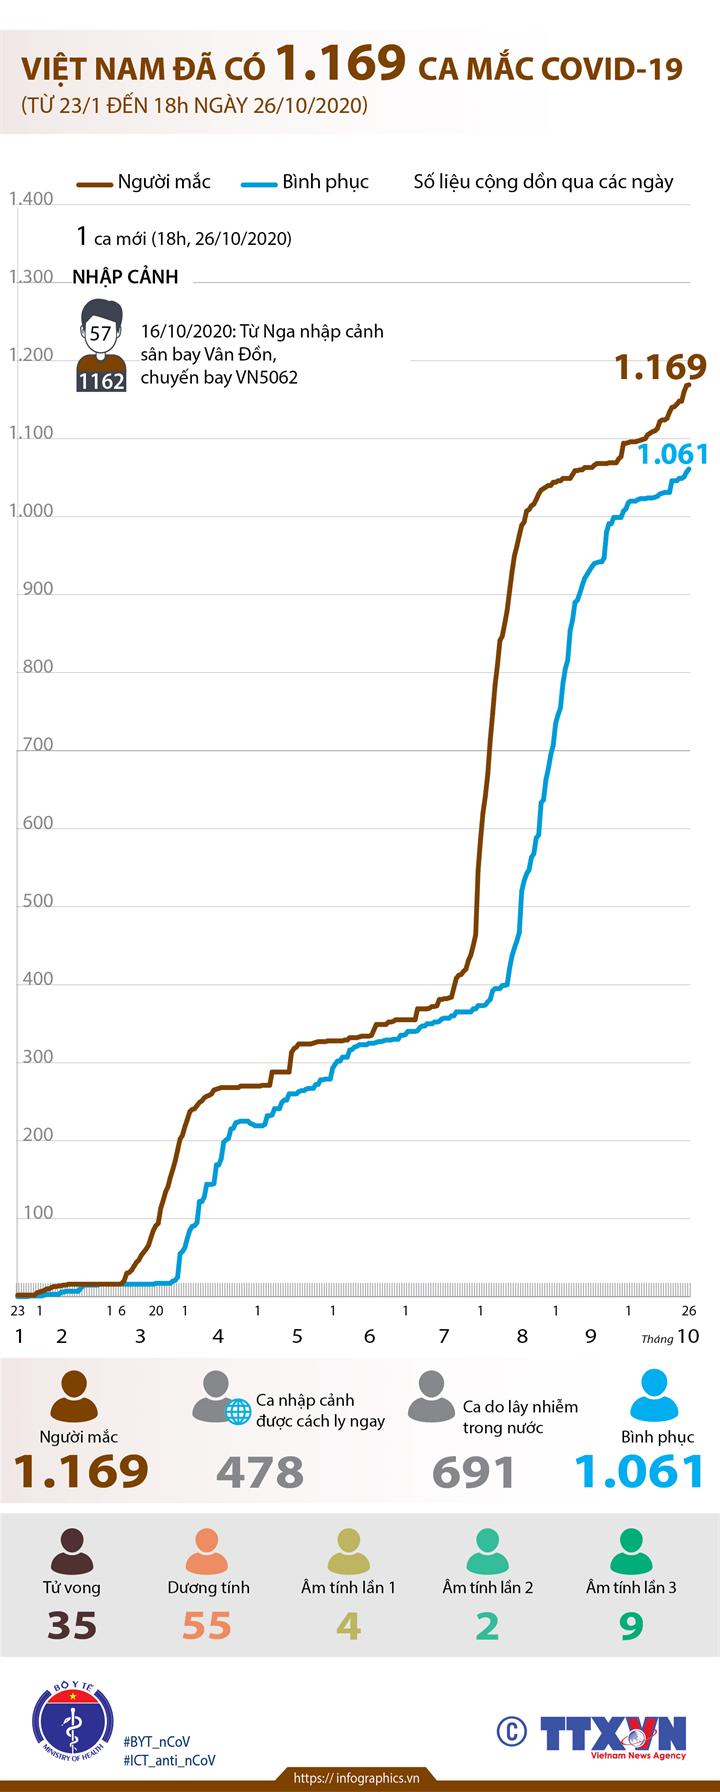 Việt Nam đã có 1.169 ca mắc COVID-19 (từ 23/1 đến 18h ngày 26/10/2020)